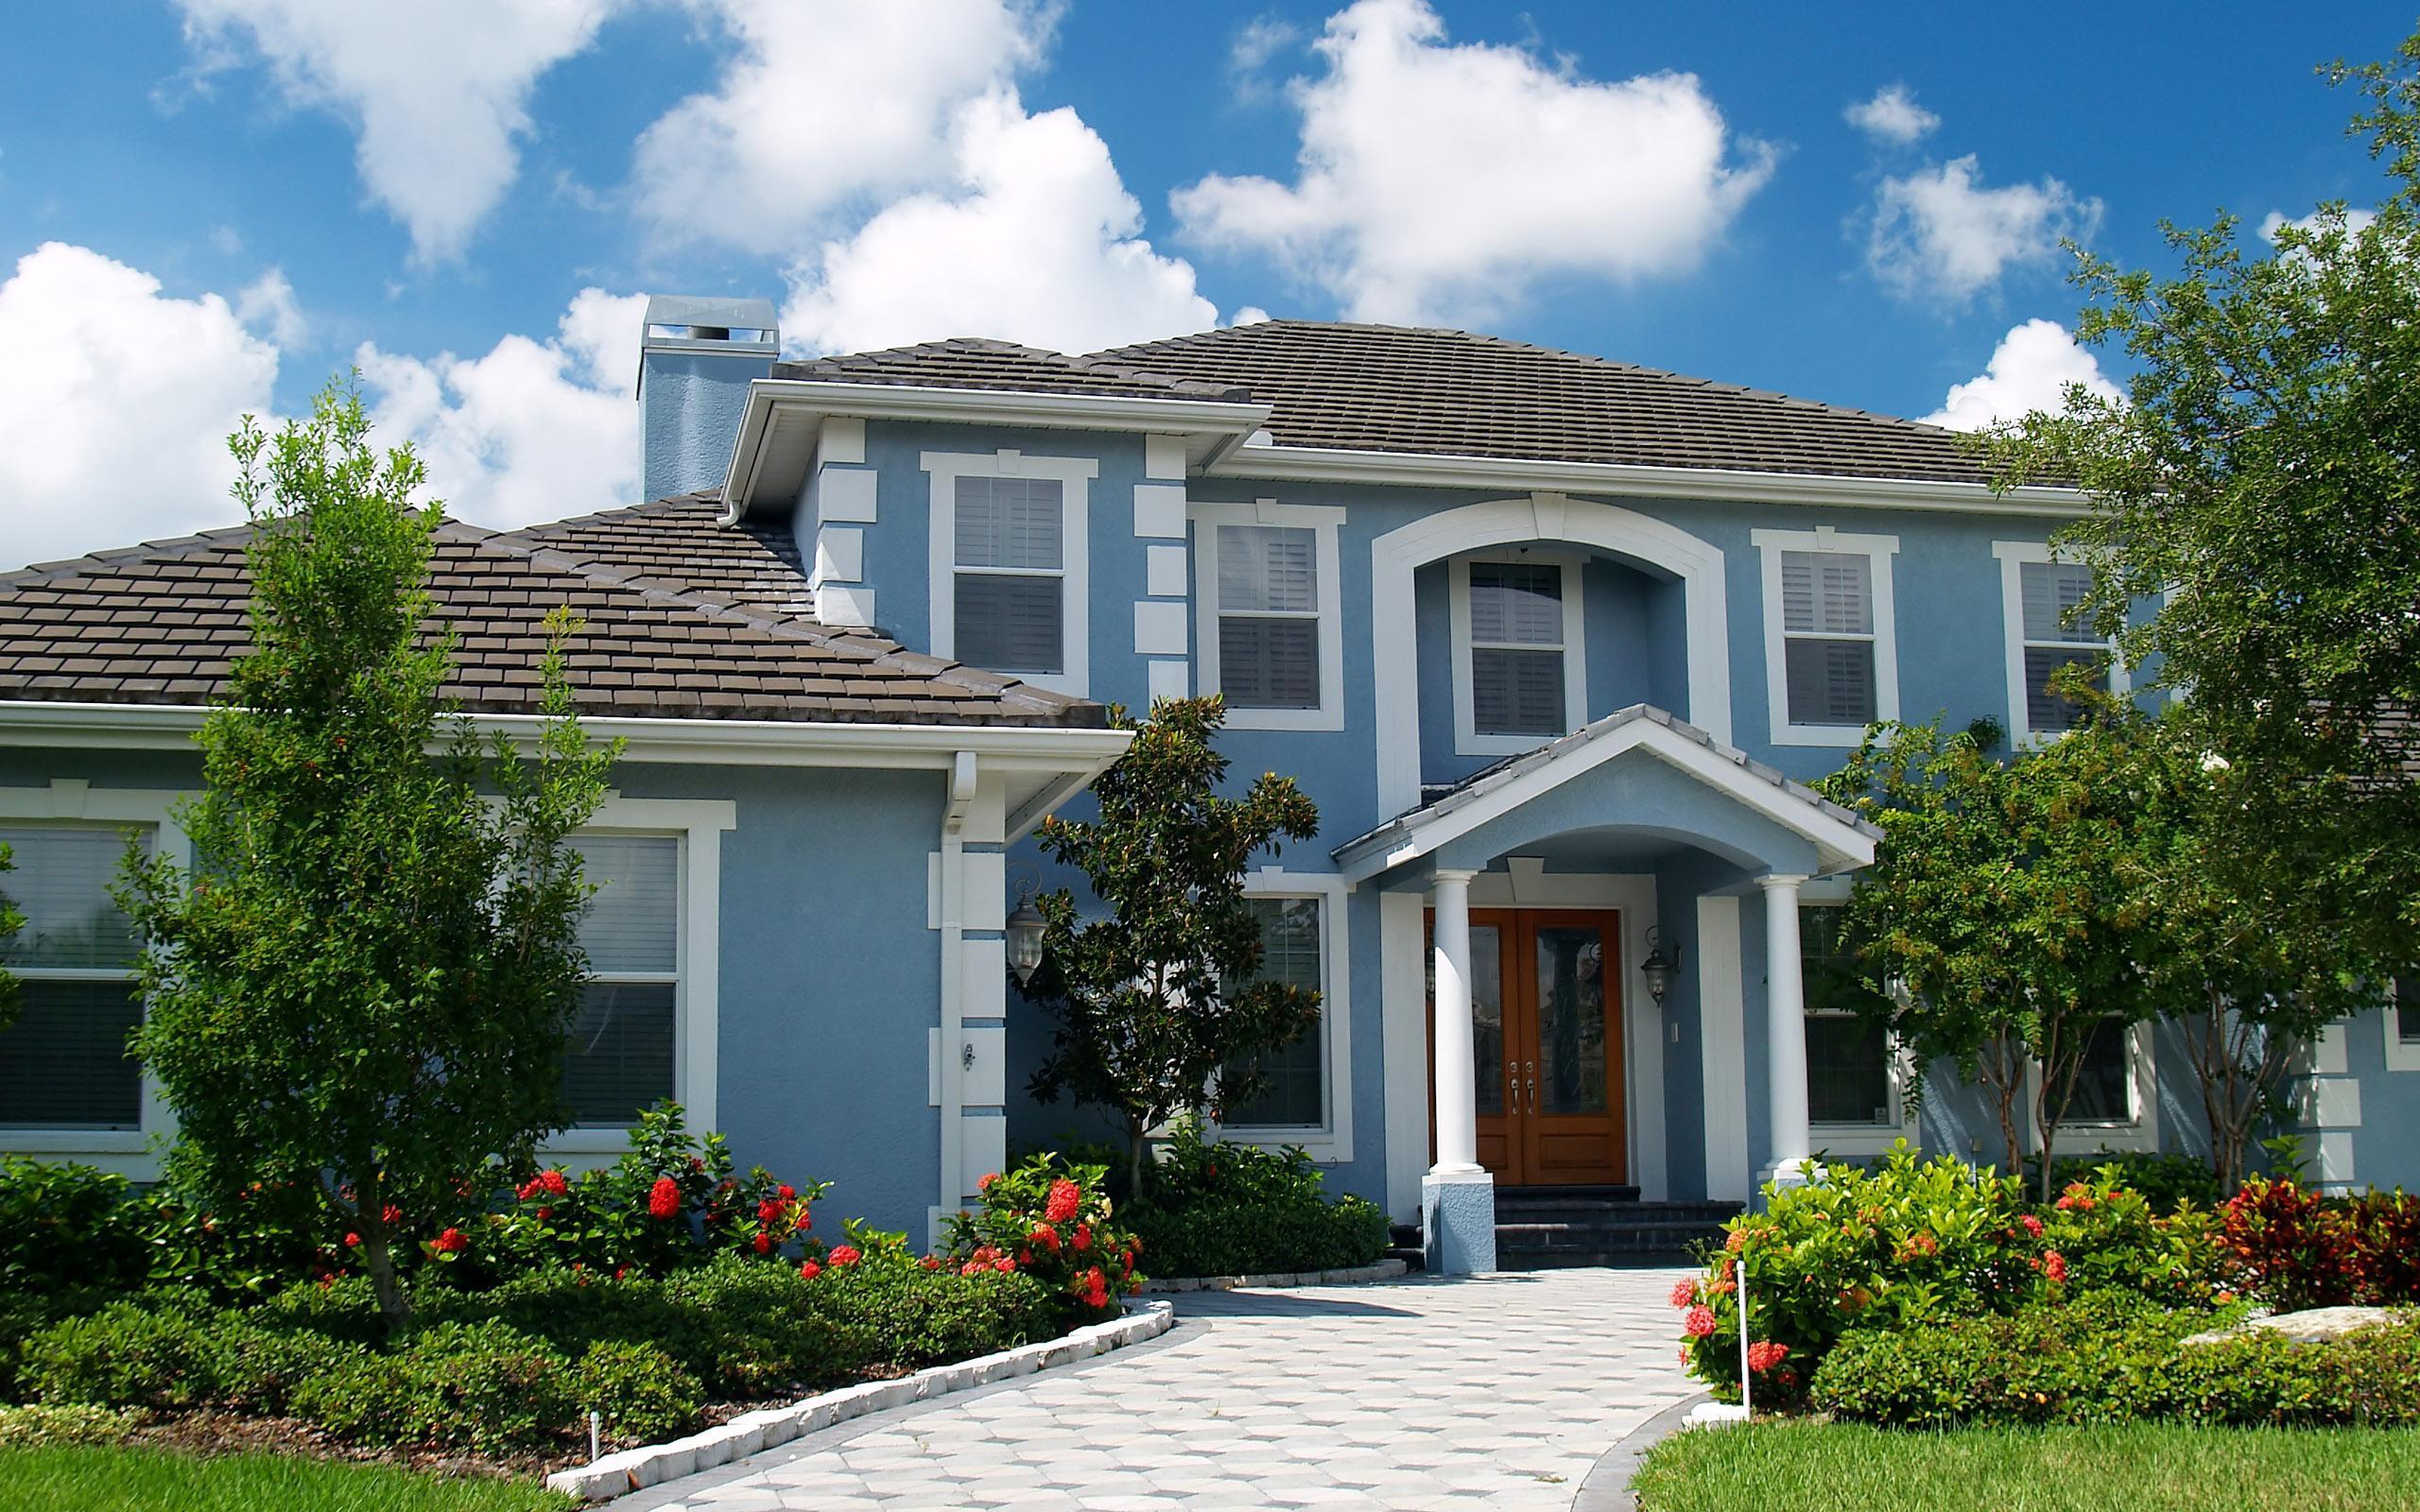 خانه اکازیون چیست و چه ویژگی هایی دارد؟